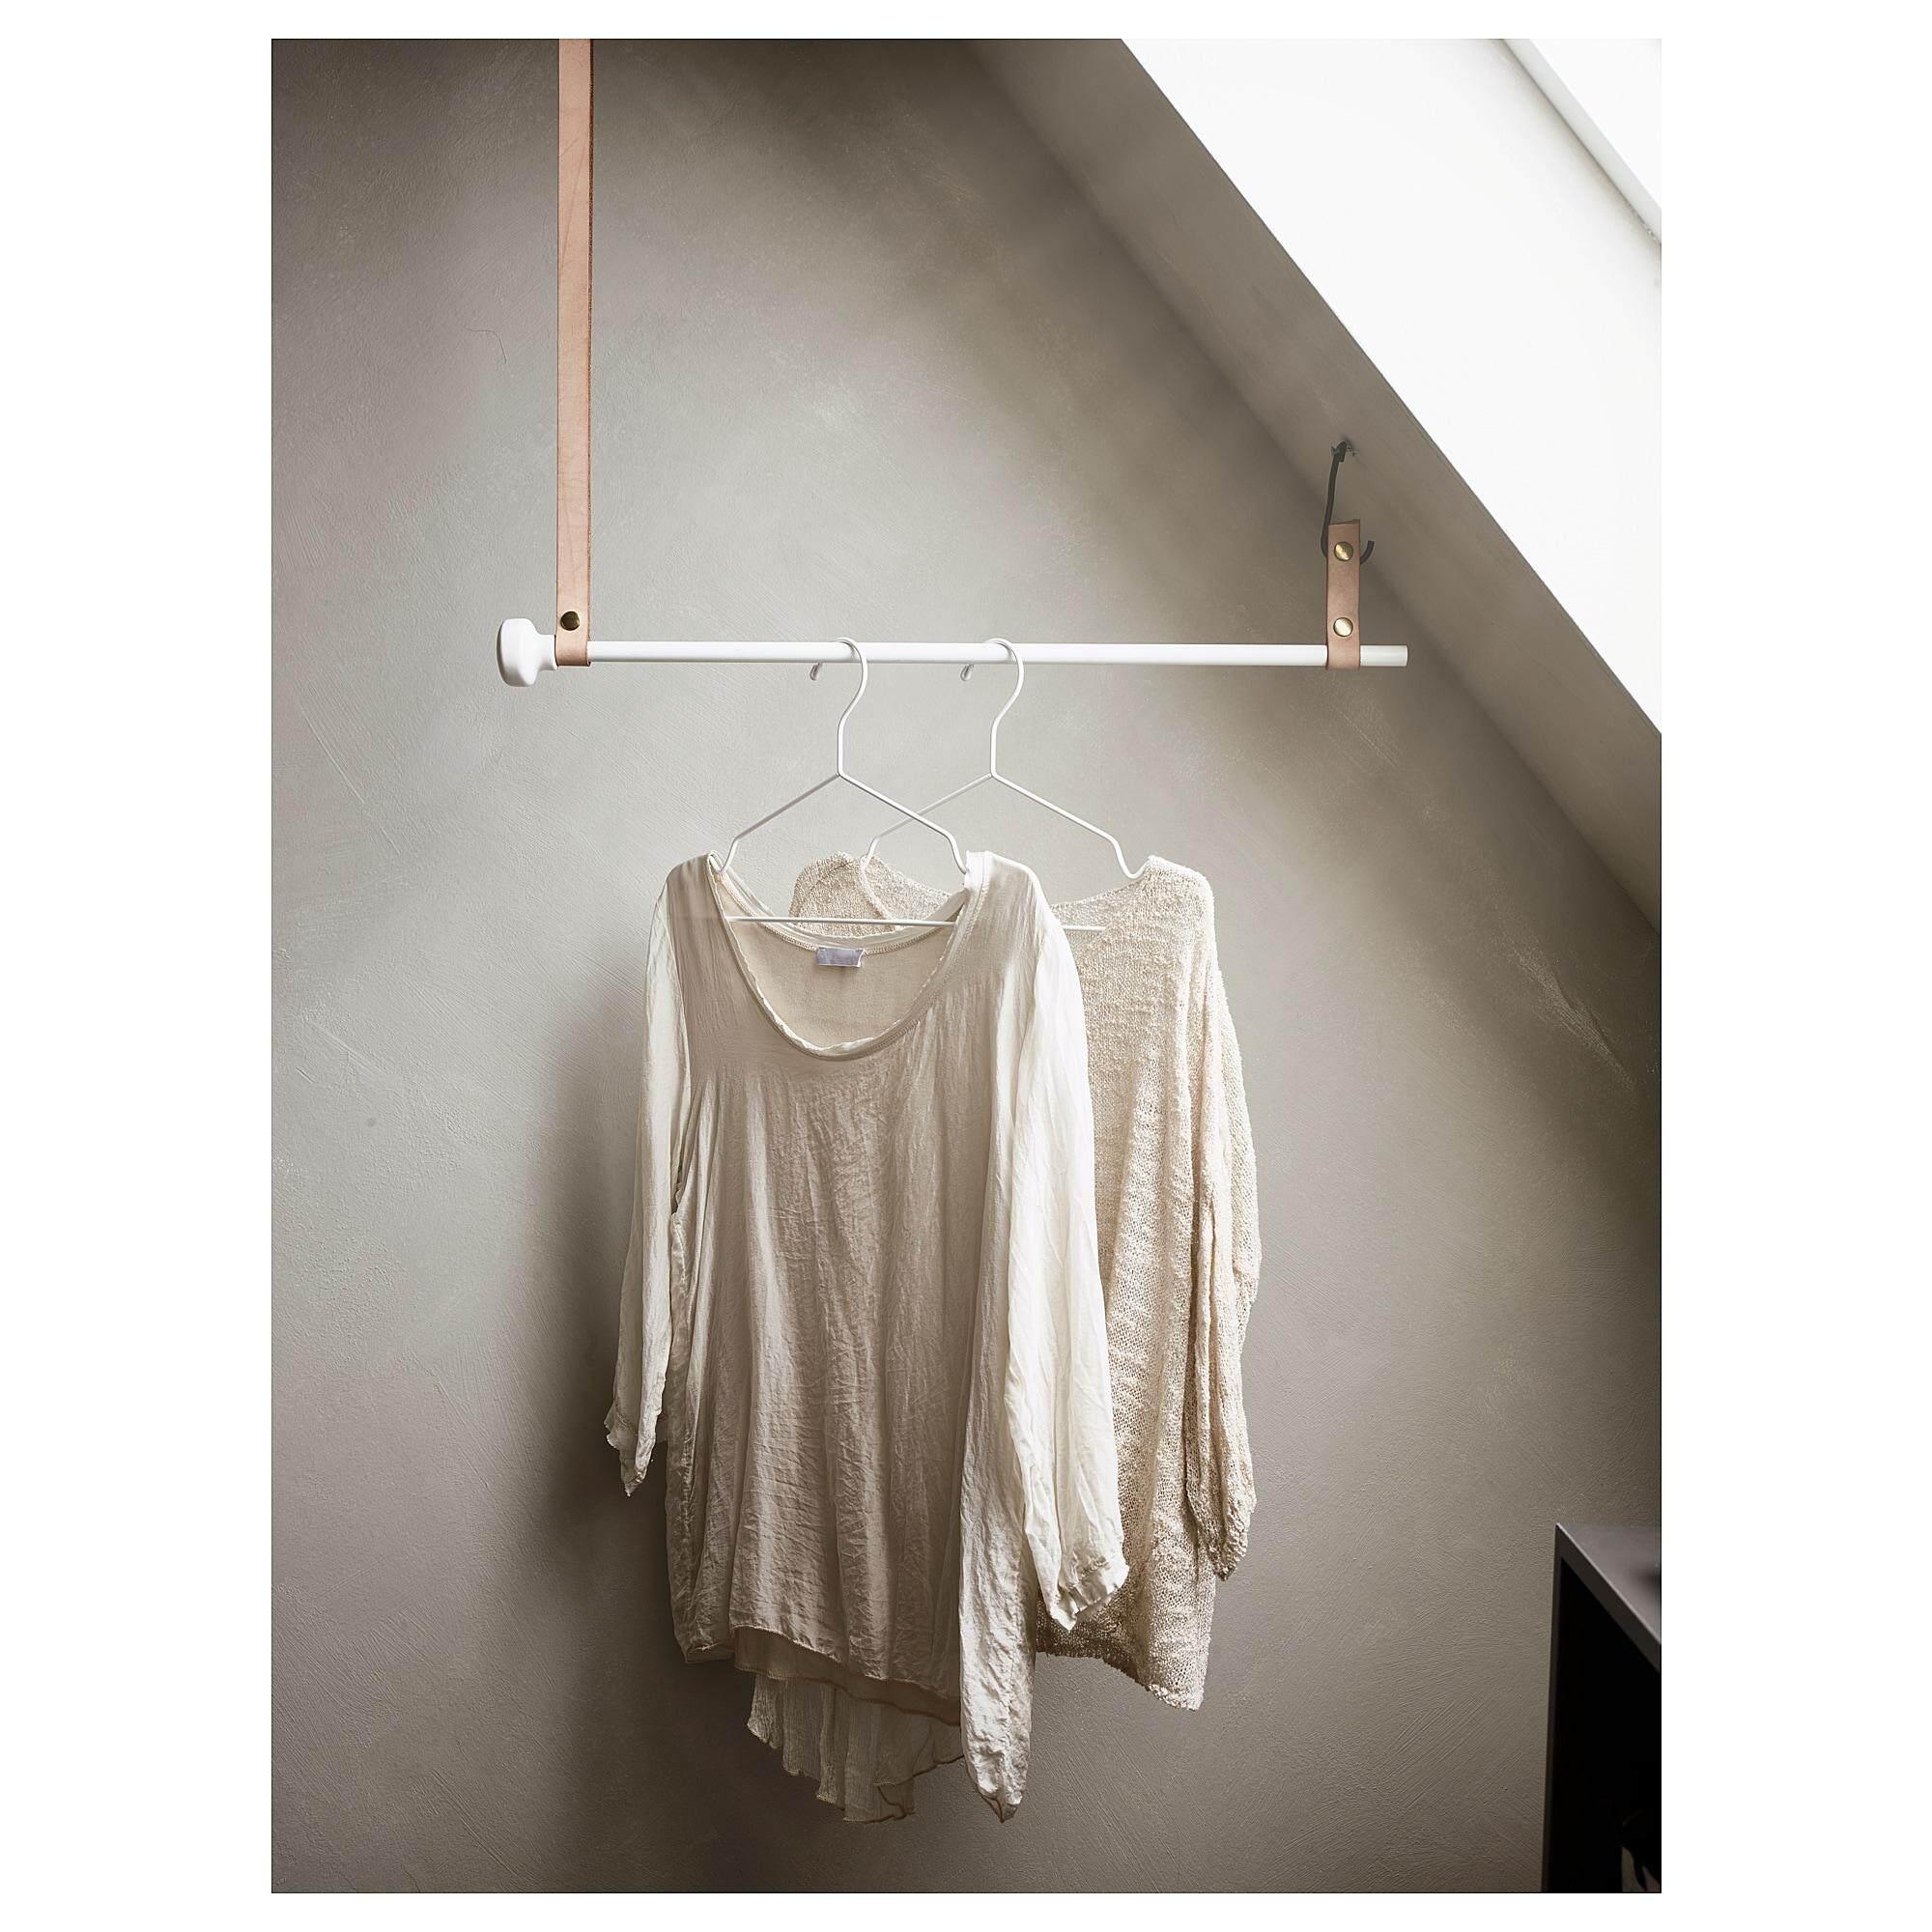 Stajlig สตัยลิก ไม้แขวนเสื้อ ภายใน/นอก ขาว By Vvs.